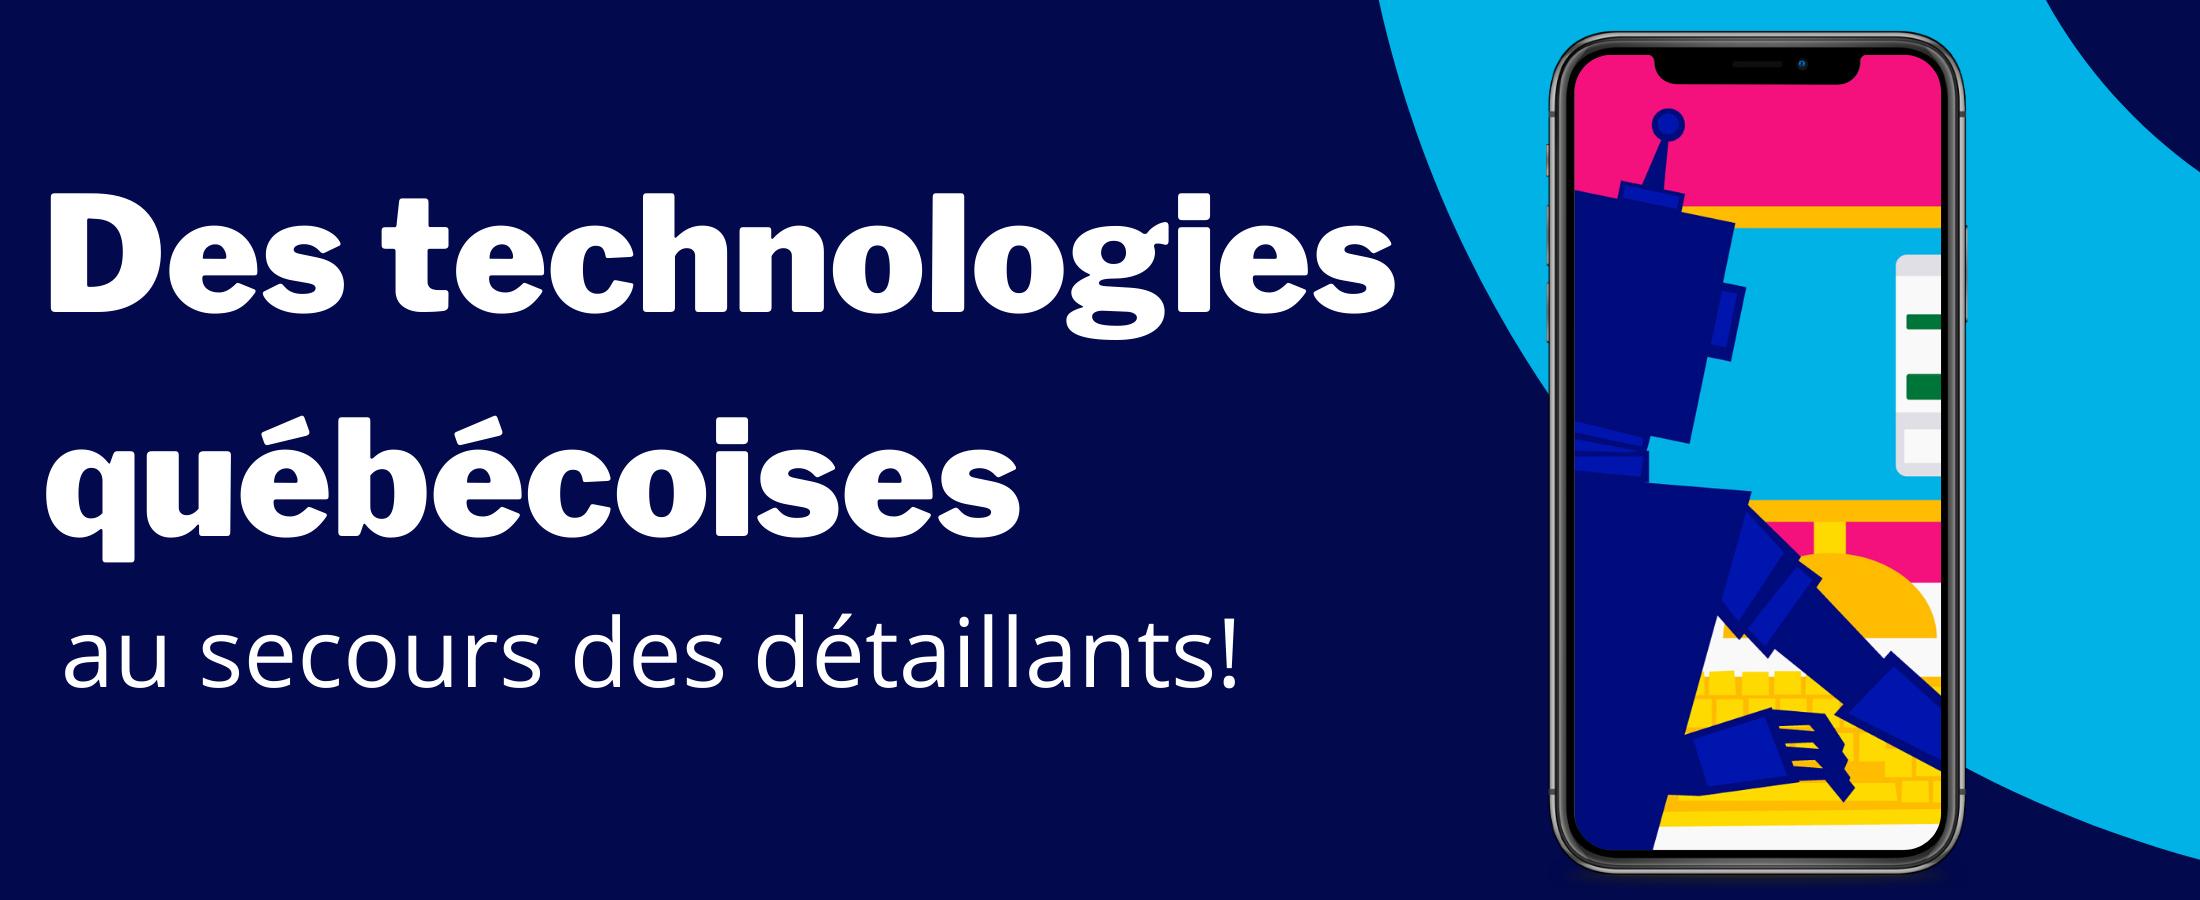 Des technologies québécoises au secours des détaillants!